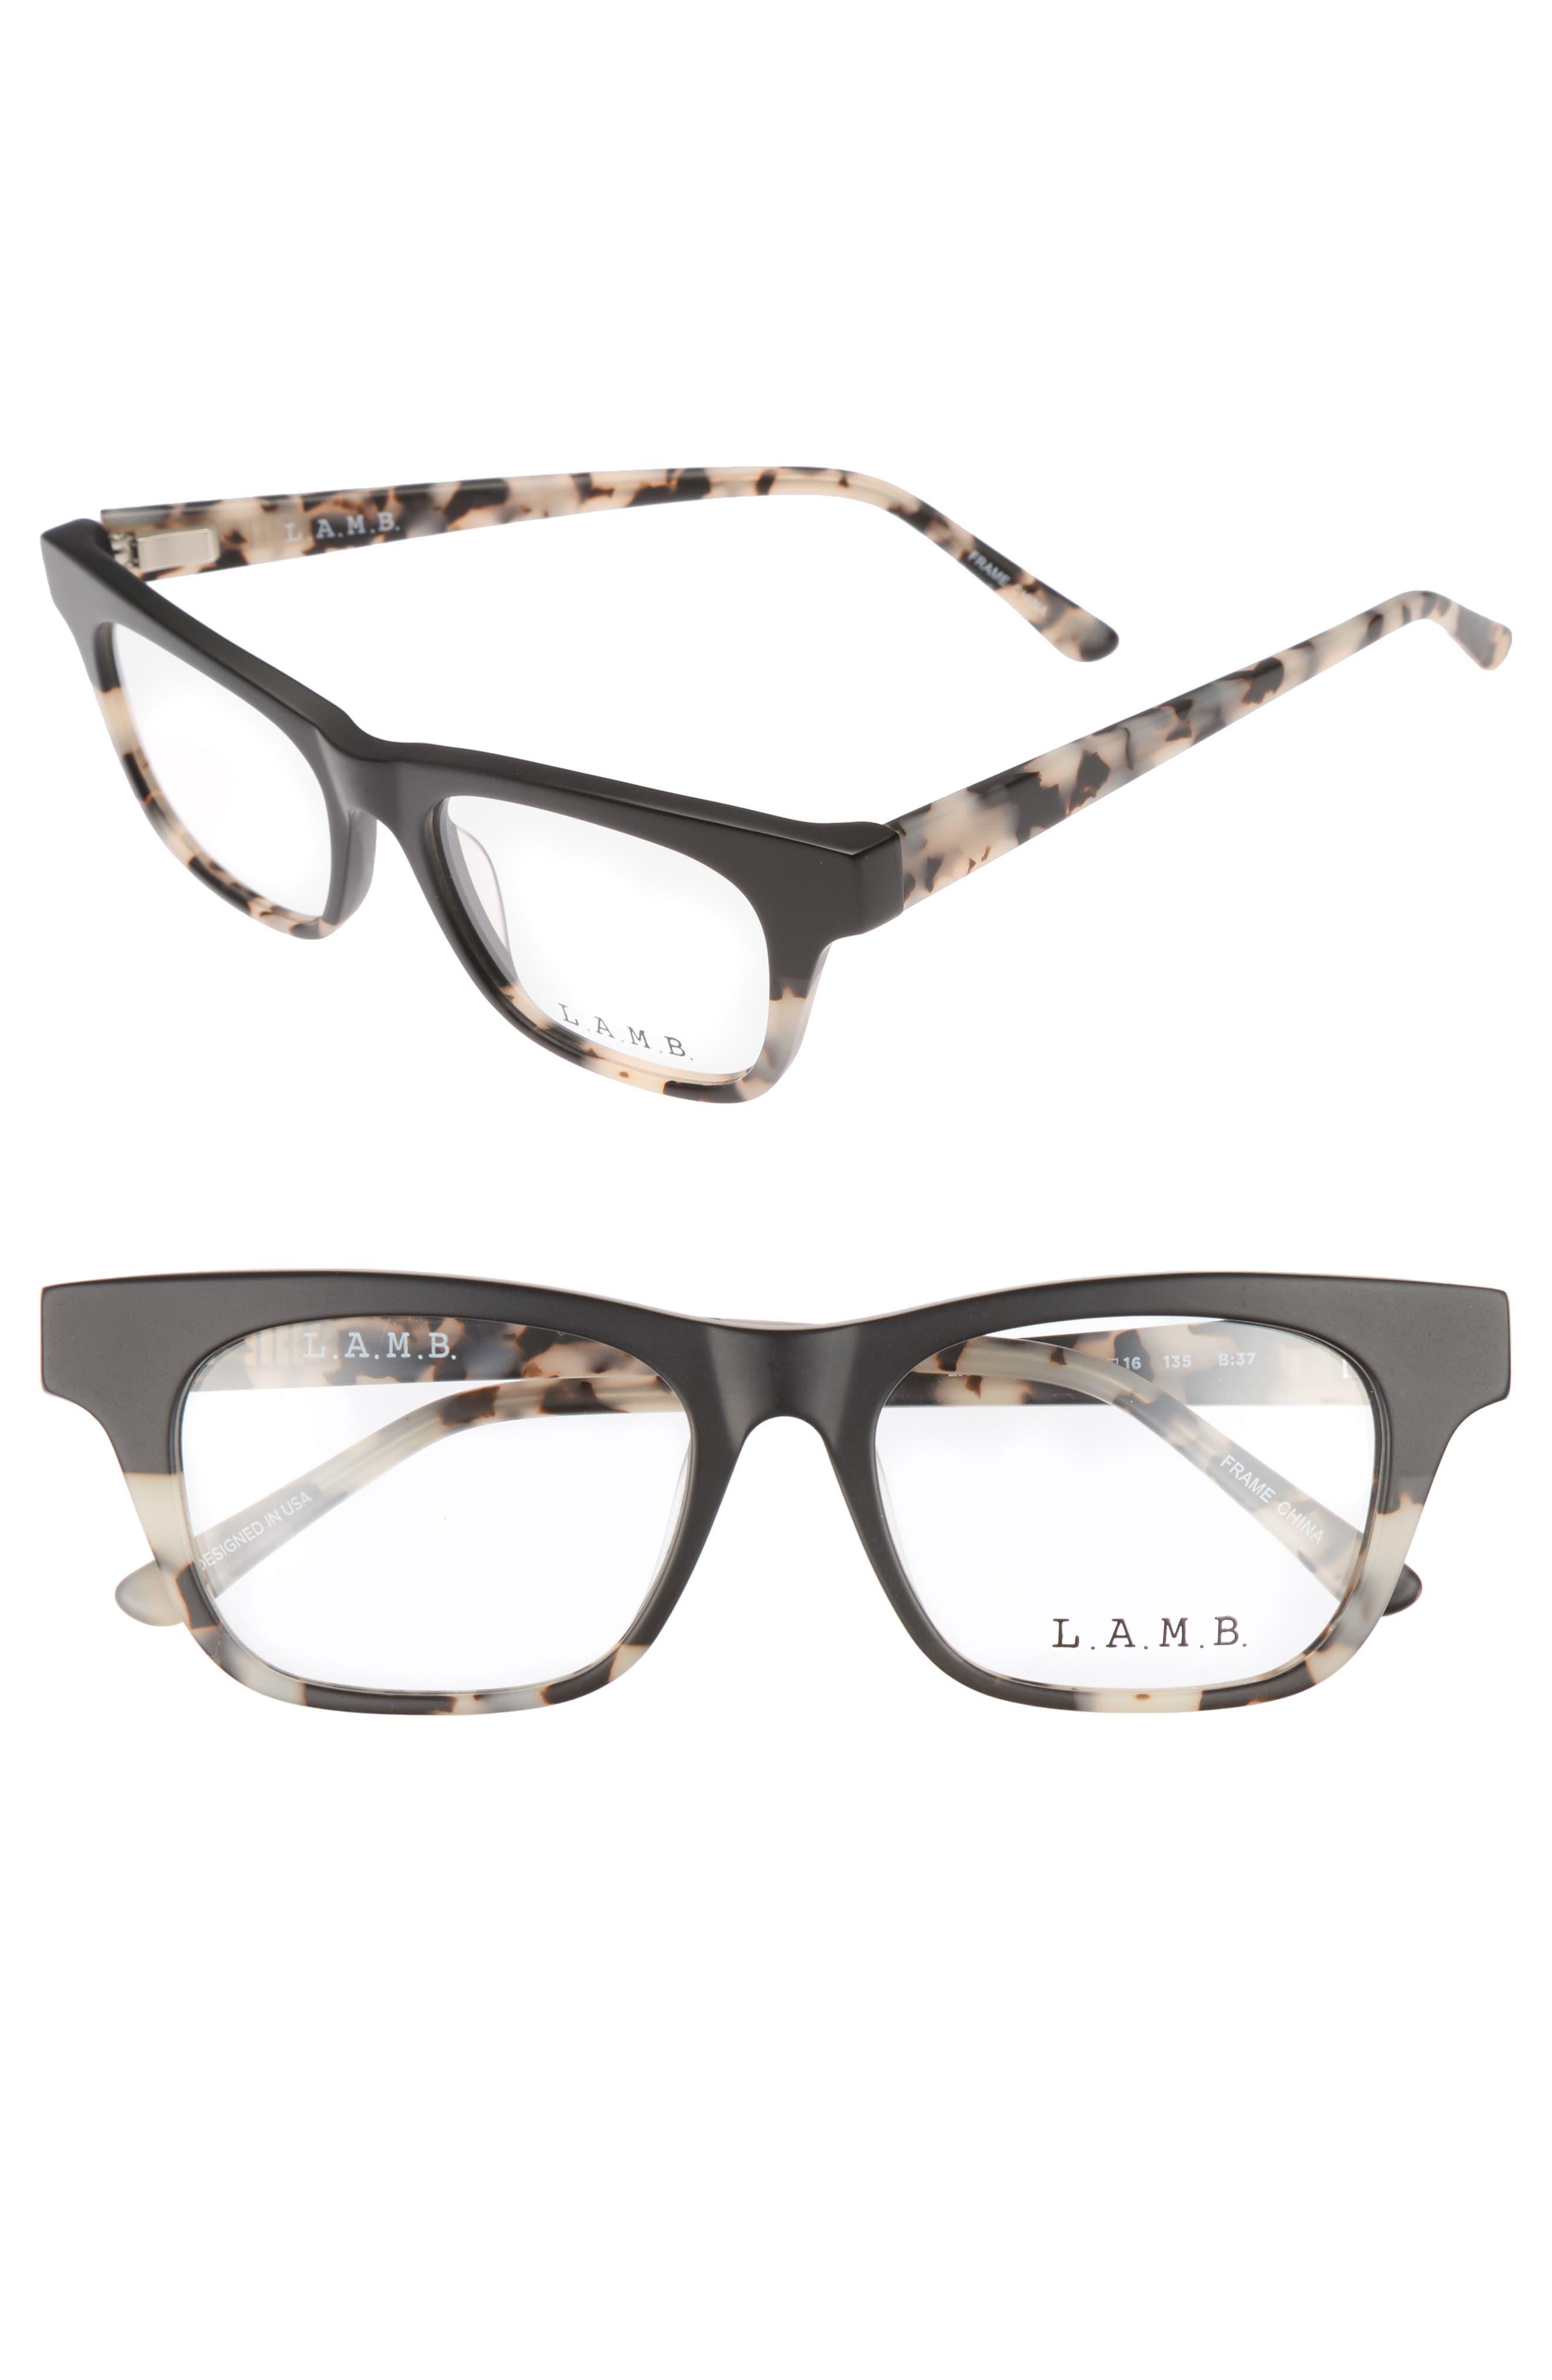 L.A.M.B. 50mm Optical Glasses